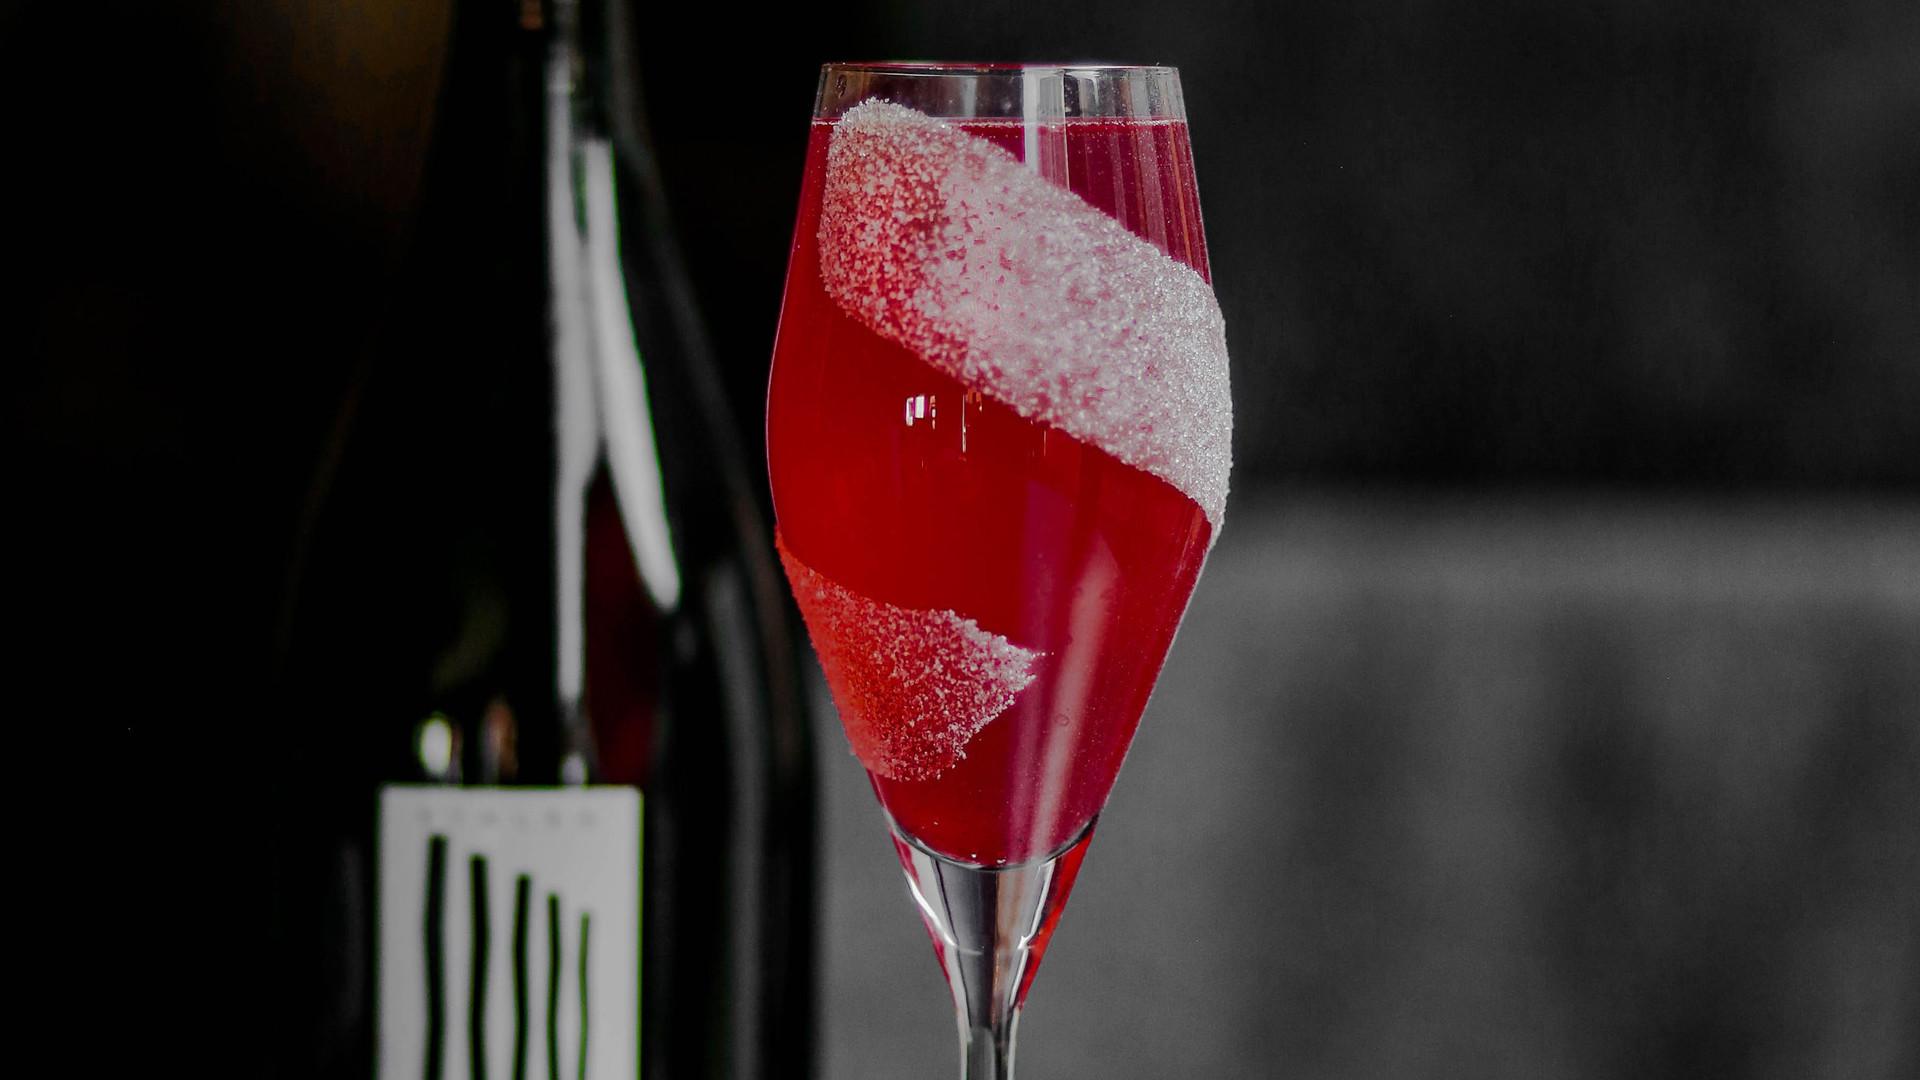 FIOL Prosecco cocktail recipe